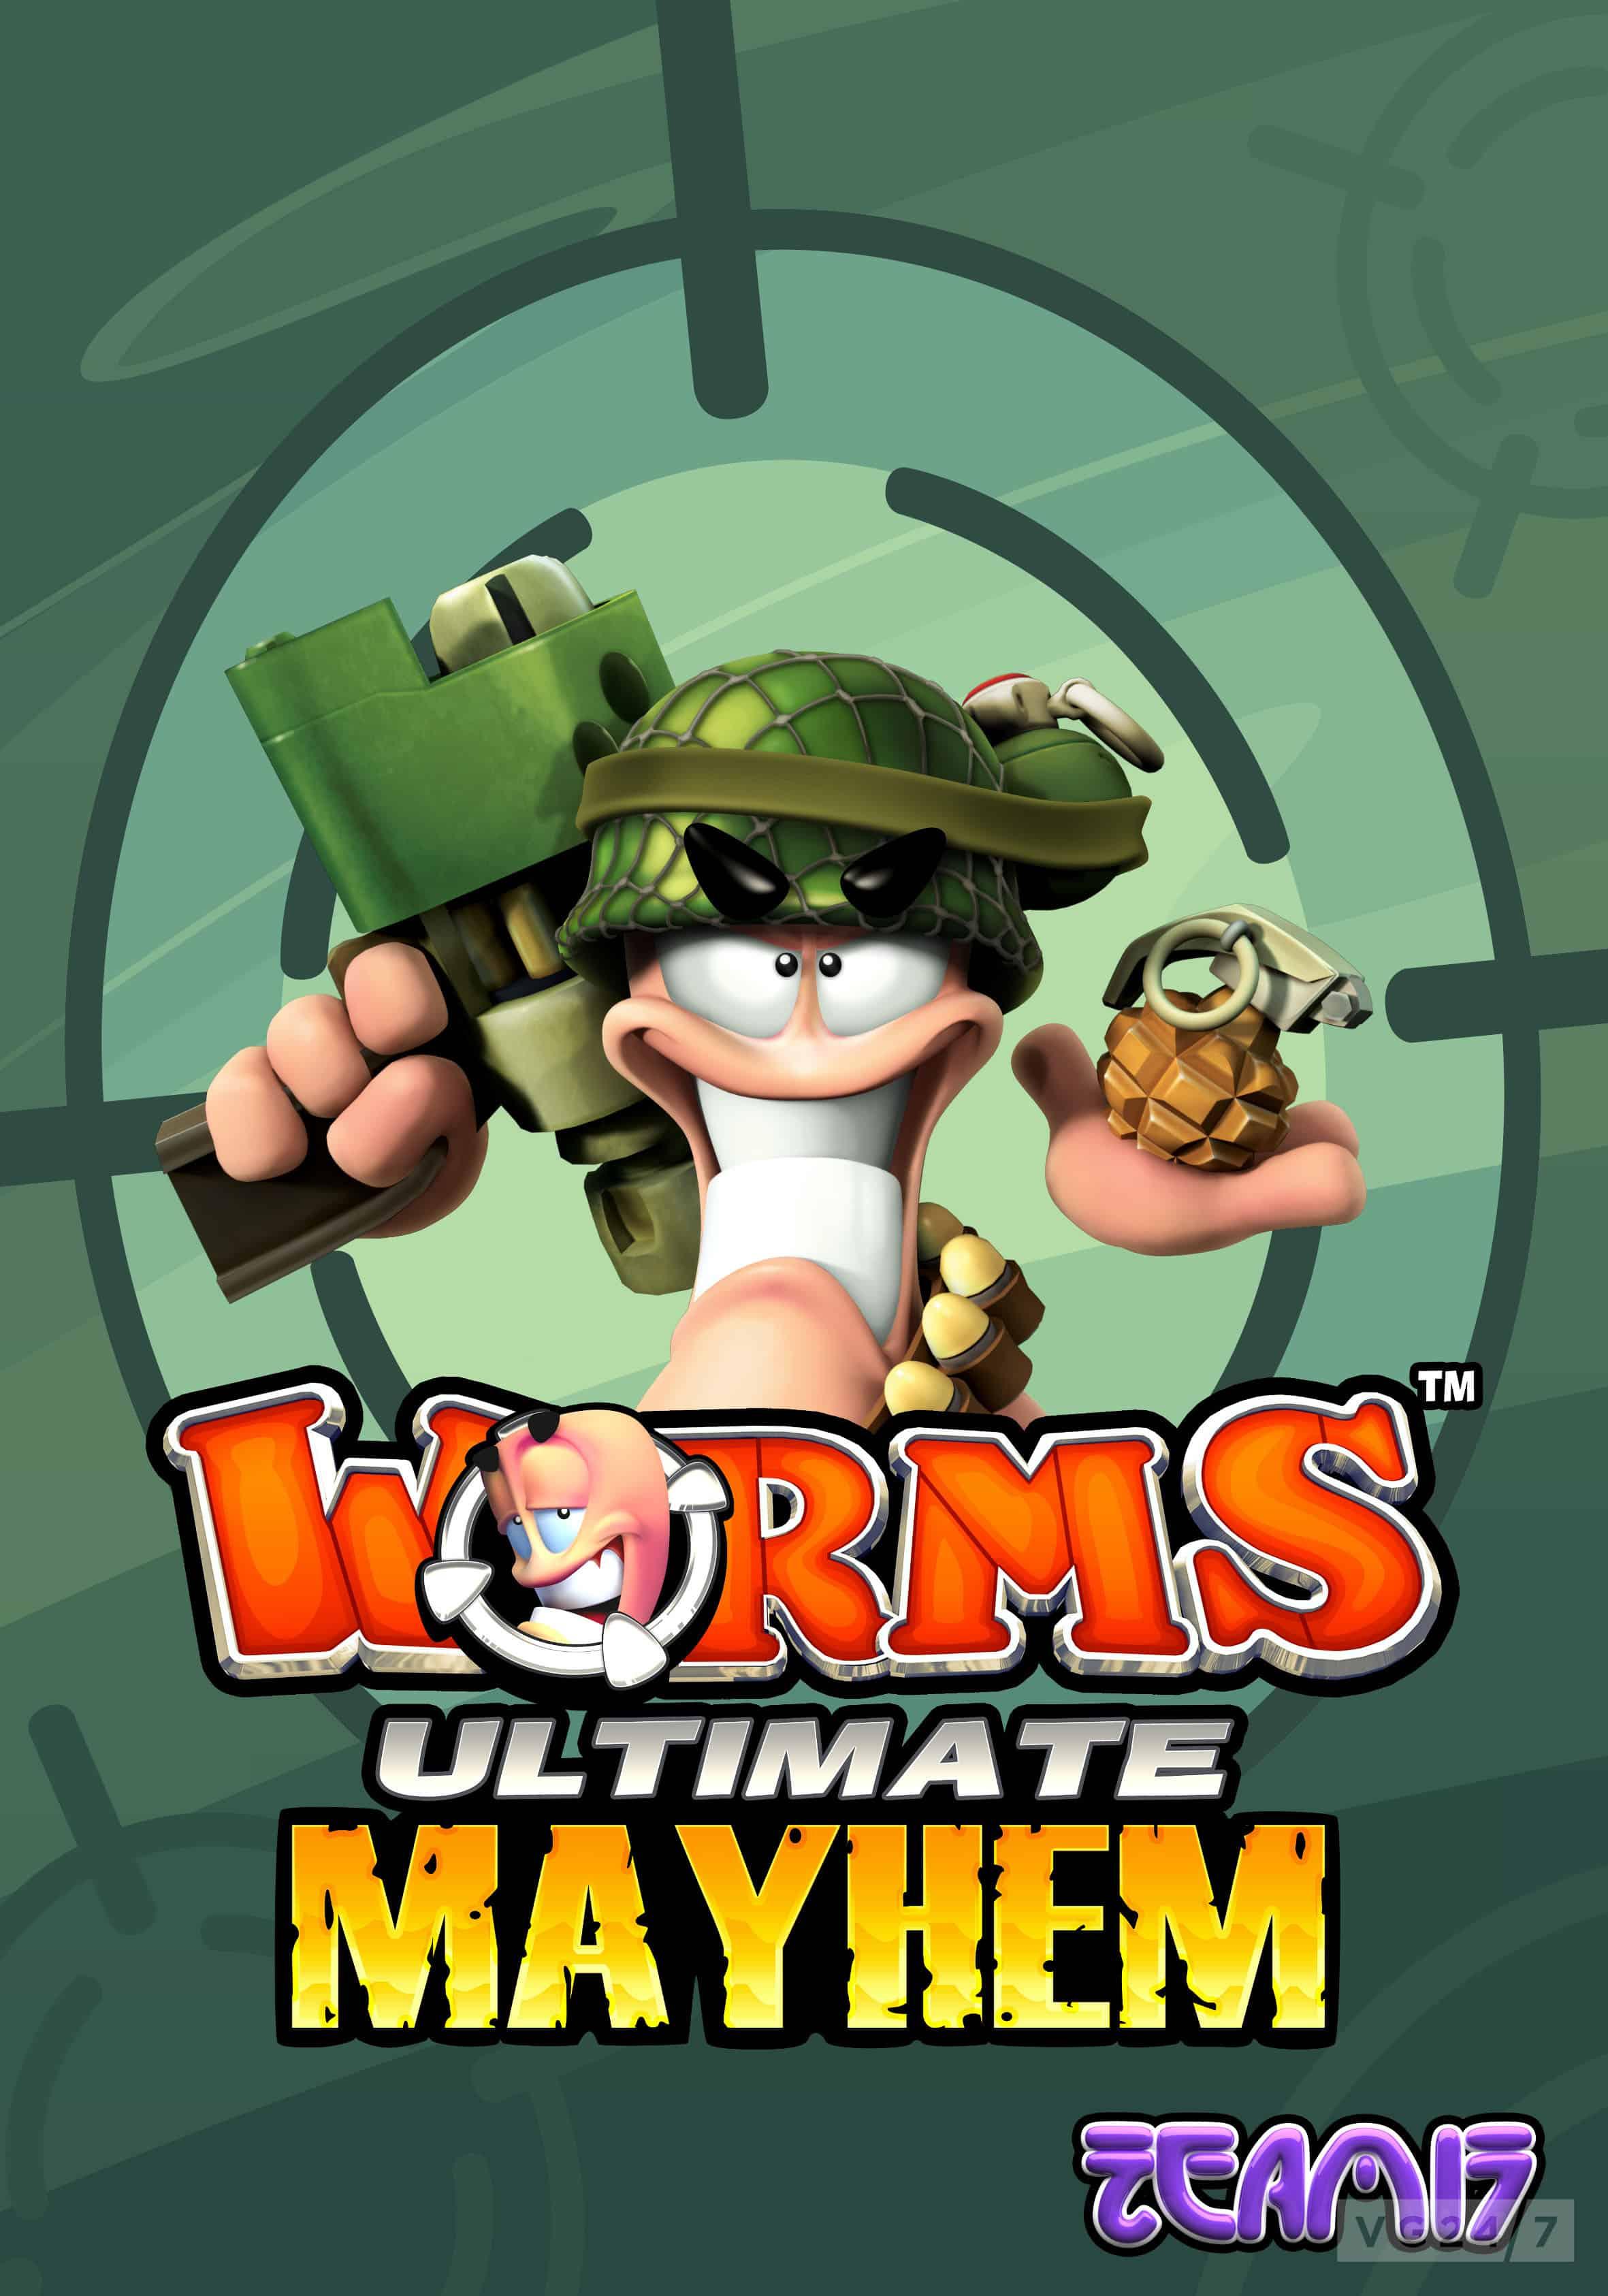 Worms 4 mayhem download.